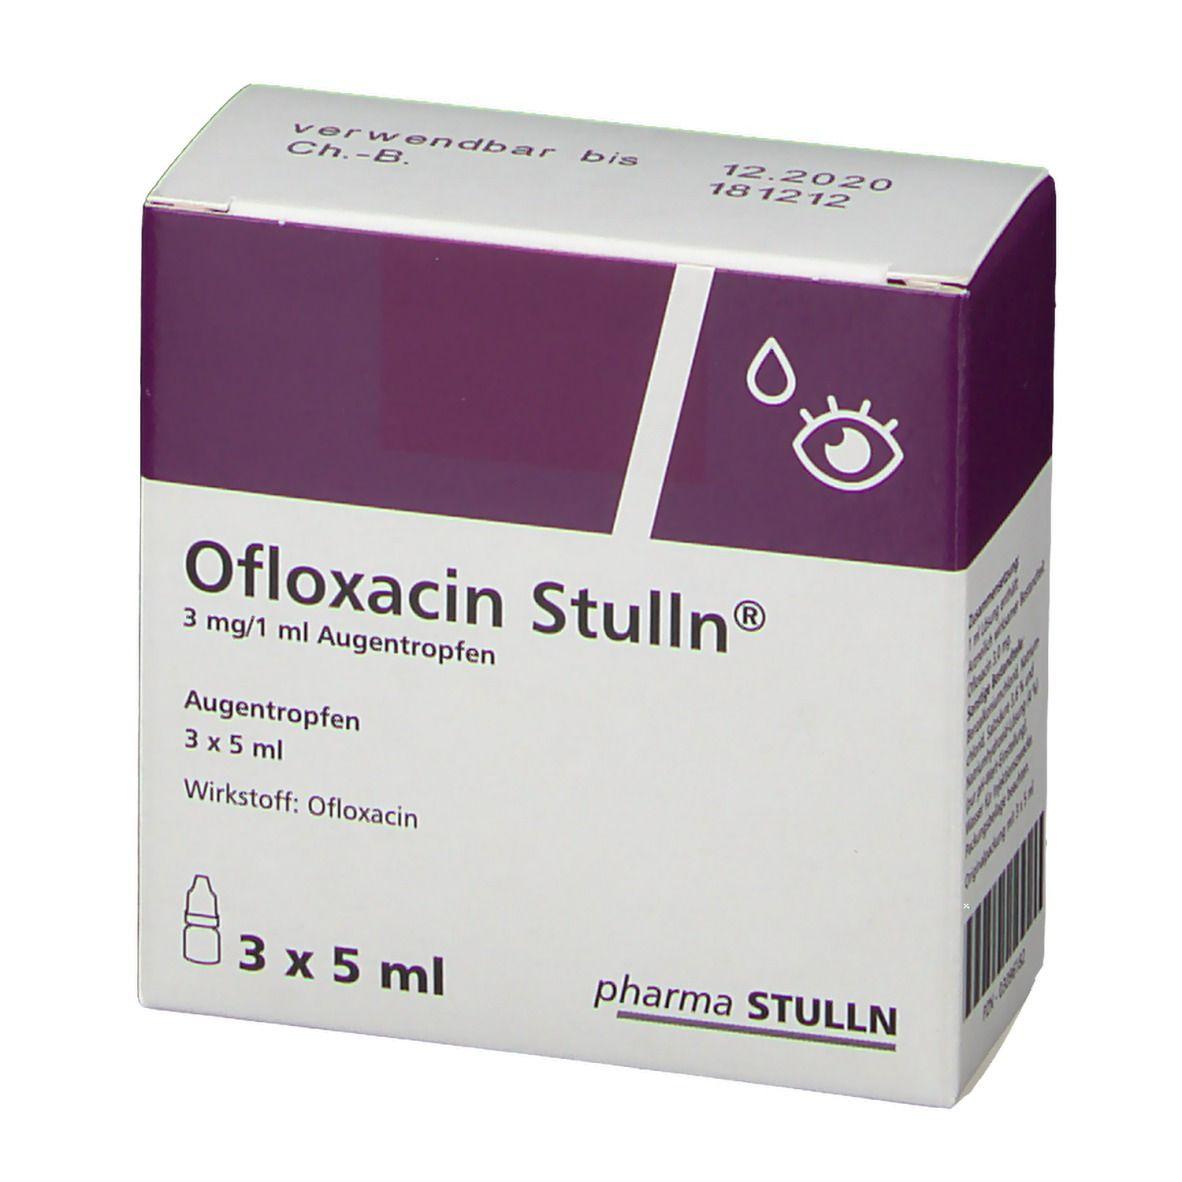 OFLOXACIN Stulln Augentropfen 3X5 ml - shop-apotheke.com